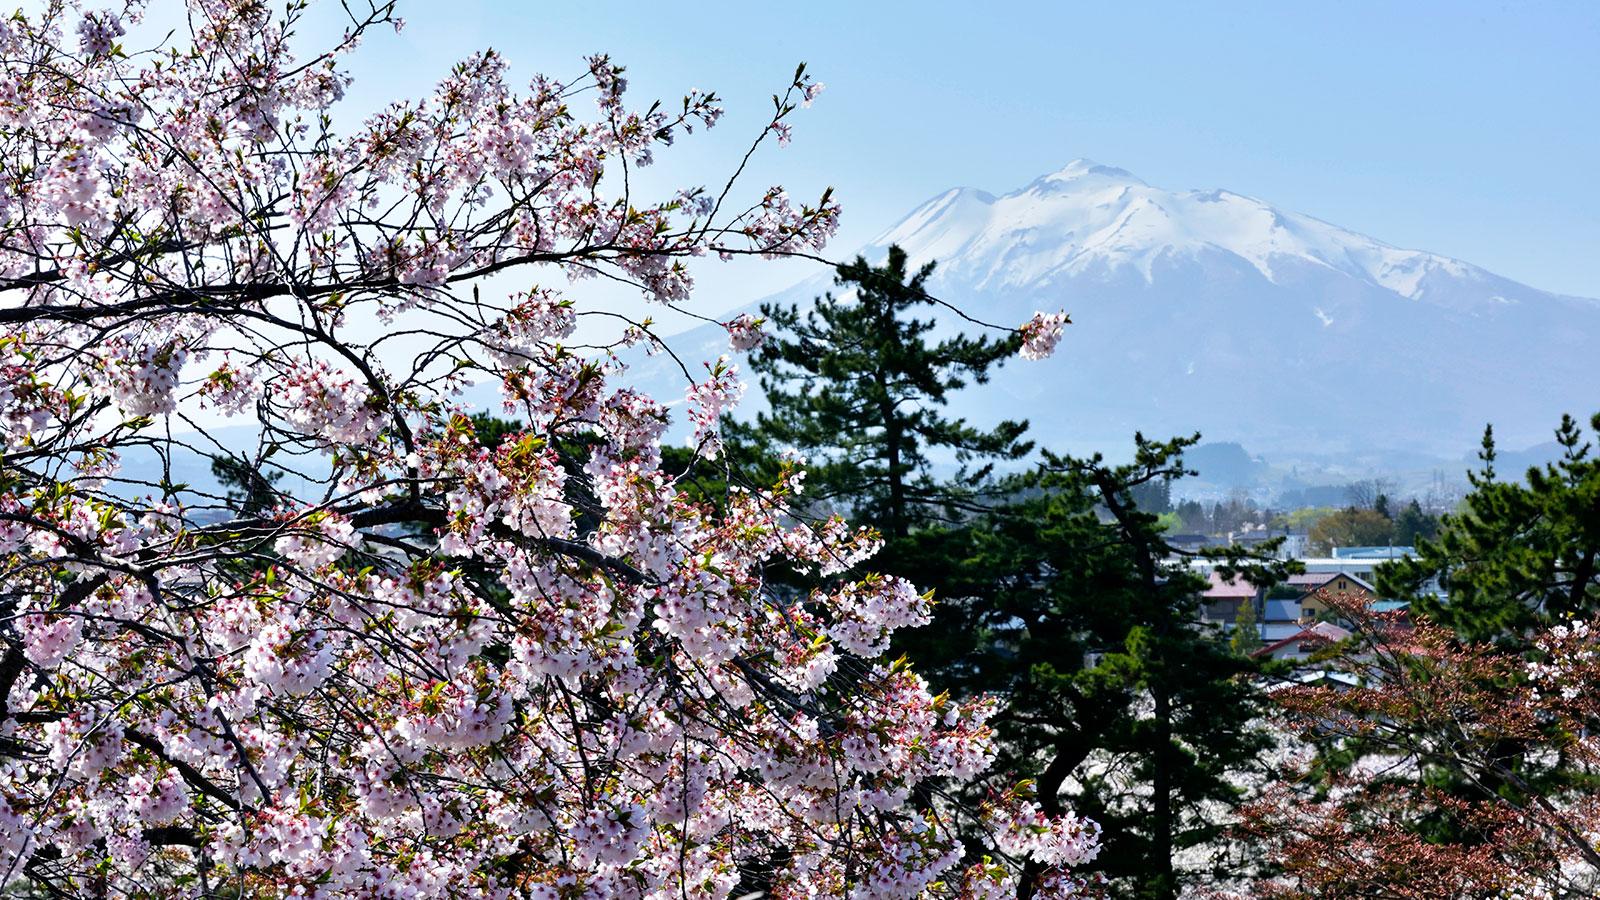 桜の花の向こうにそびえる津軽富士 - -弘前市:岩木山- -